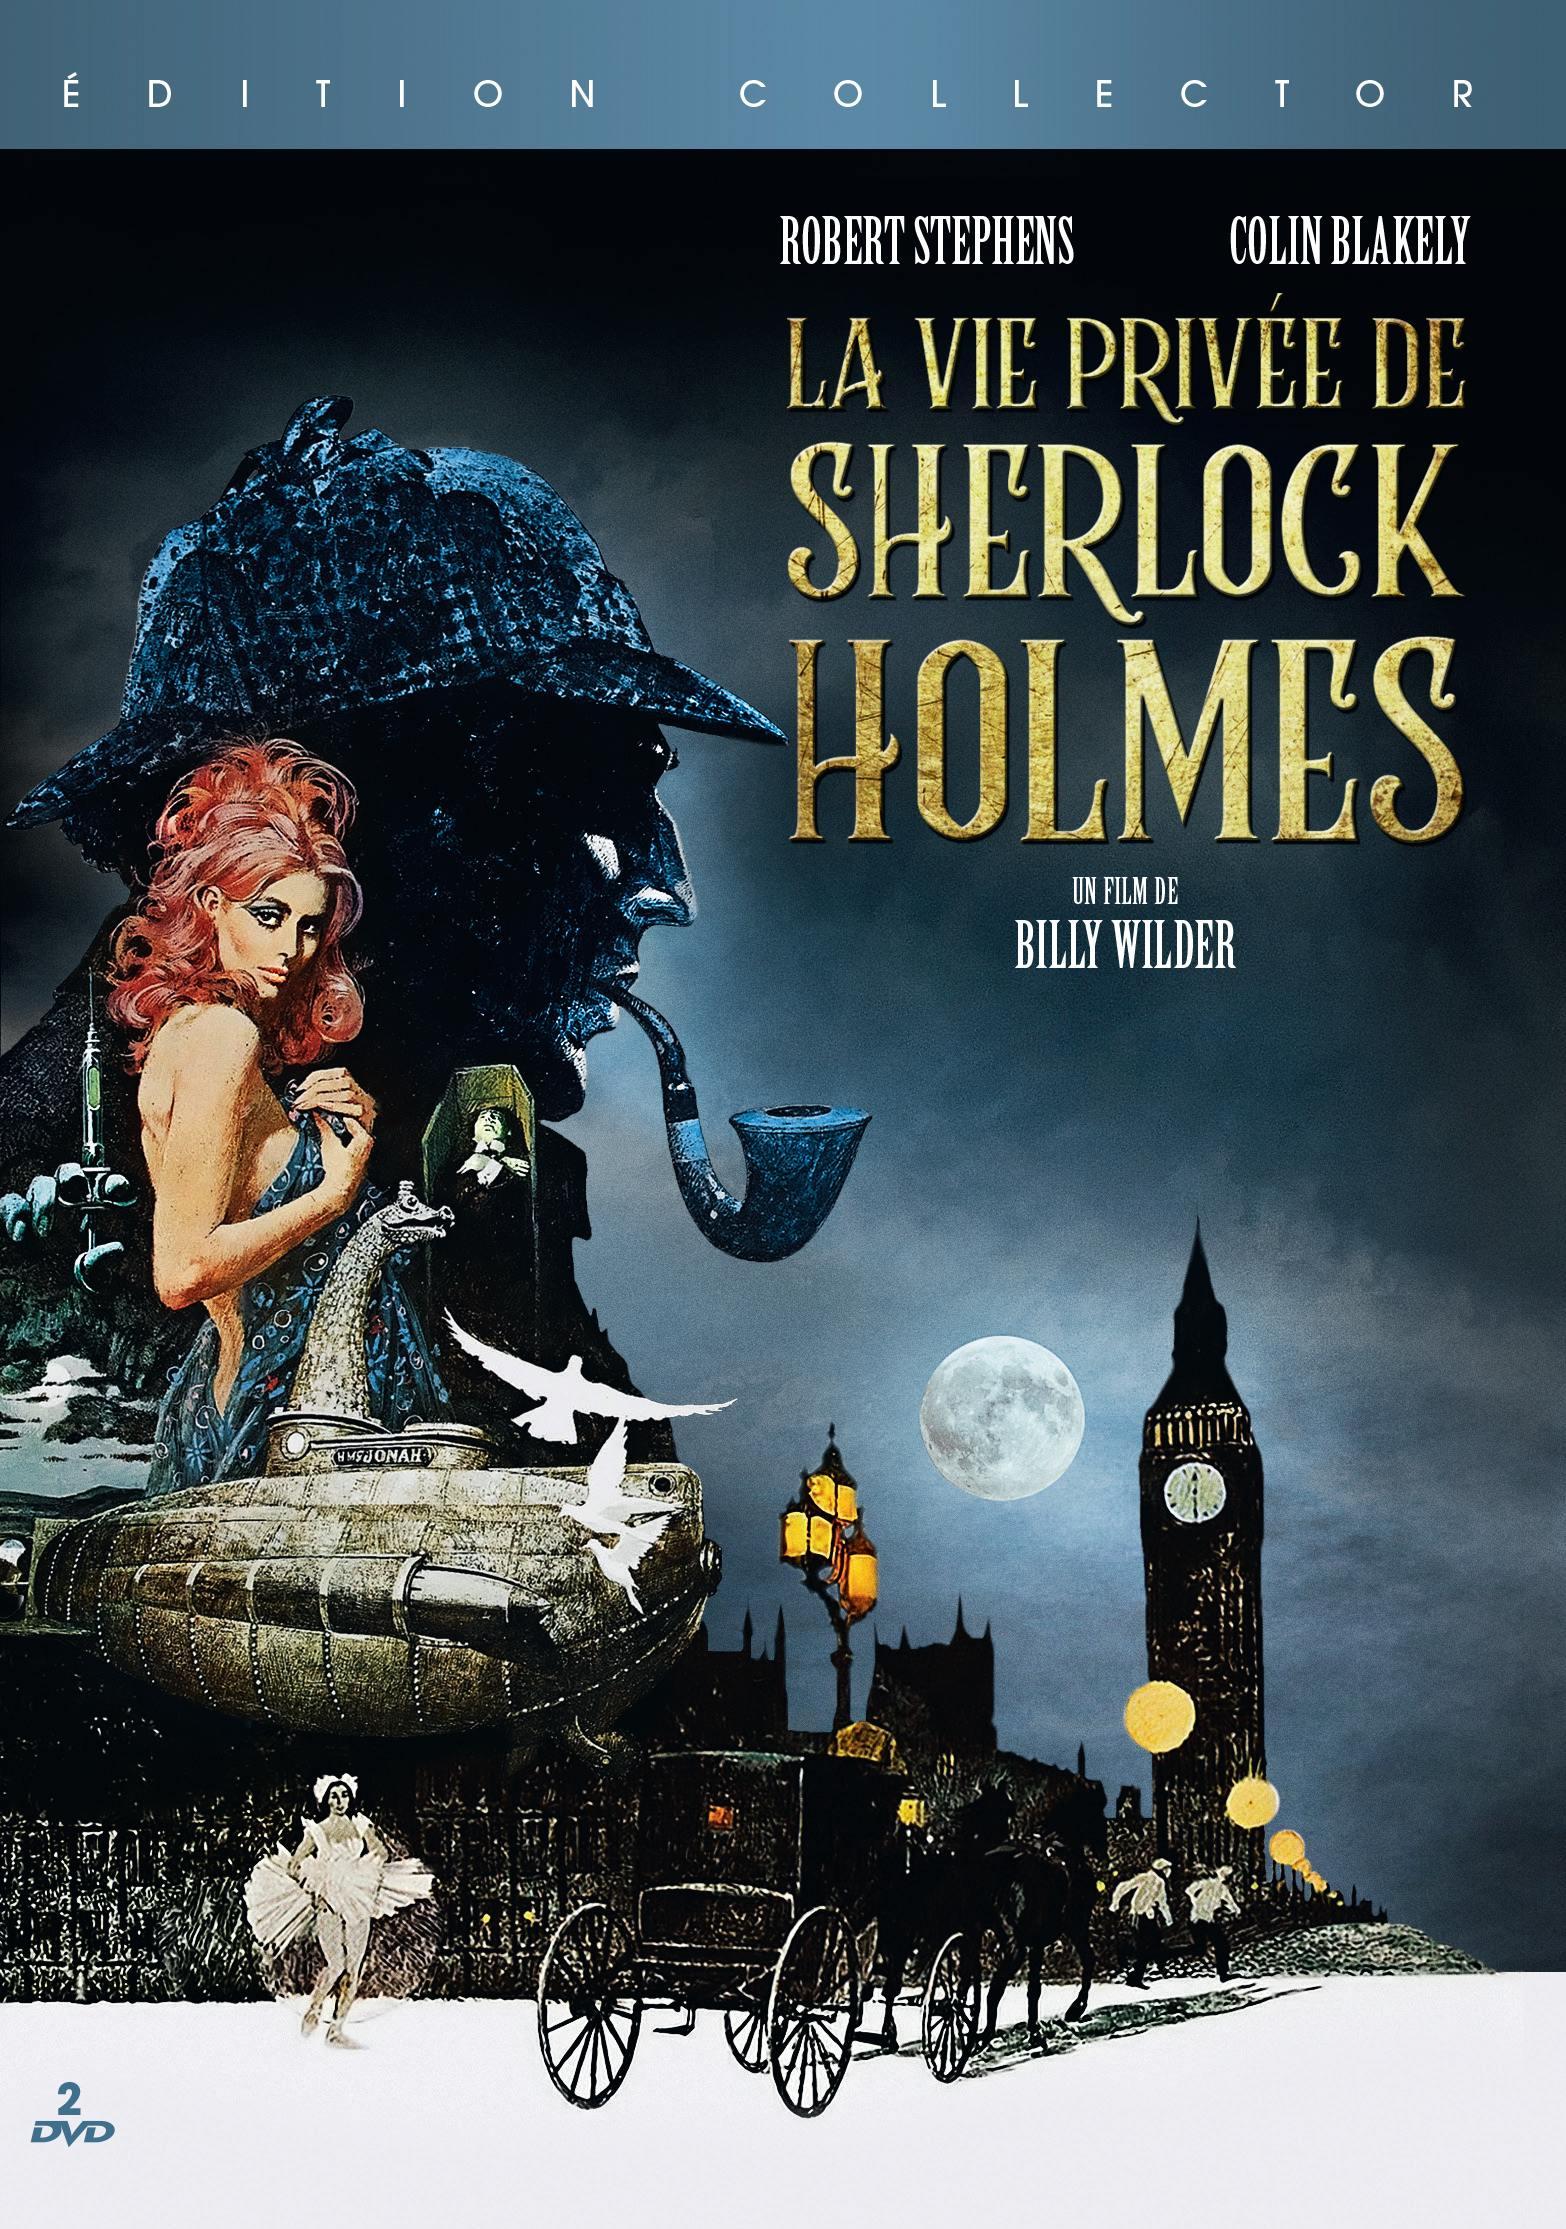 Vie privee de sherlock holmes (la) - 2 dvd